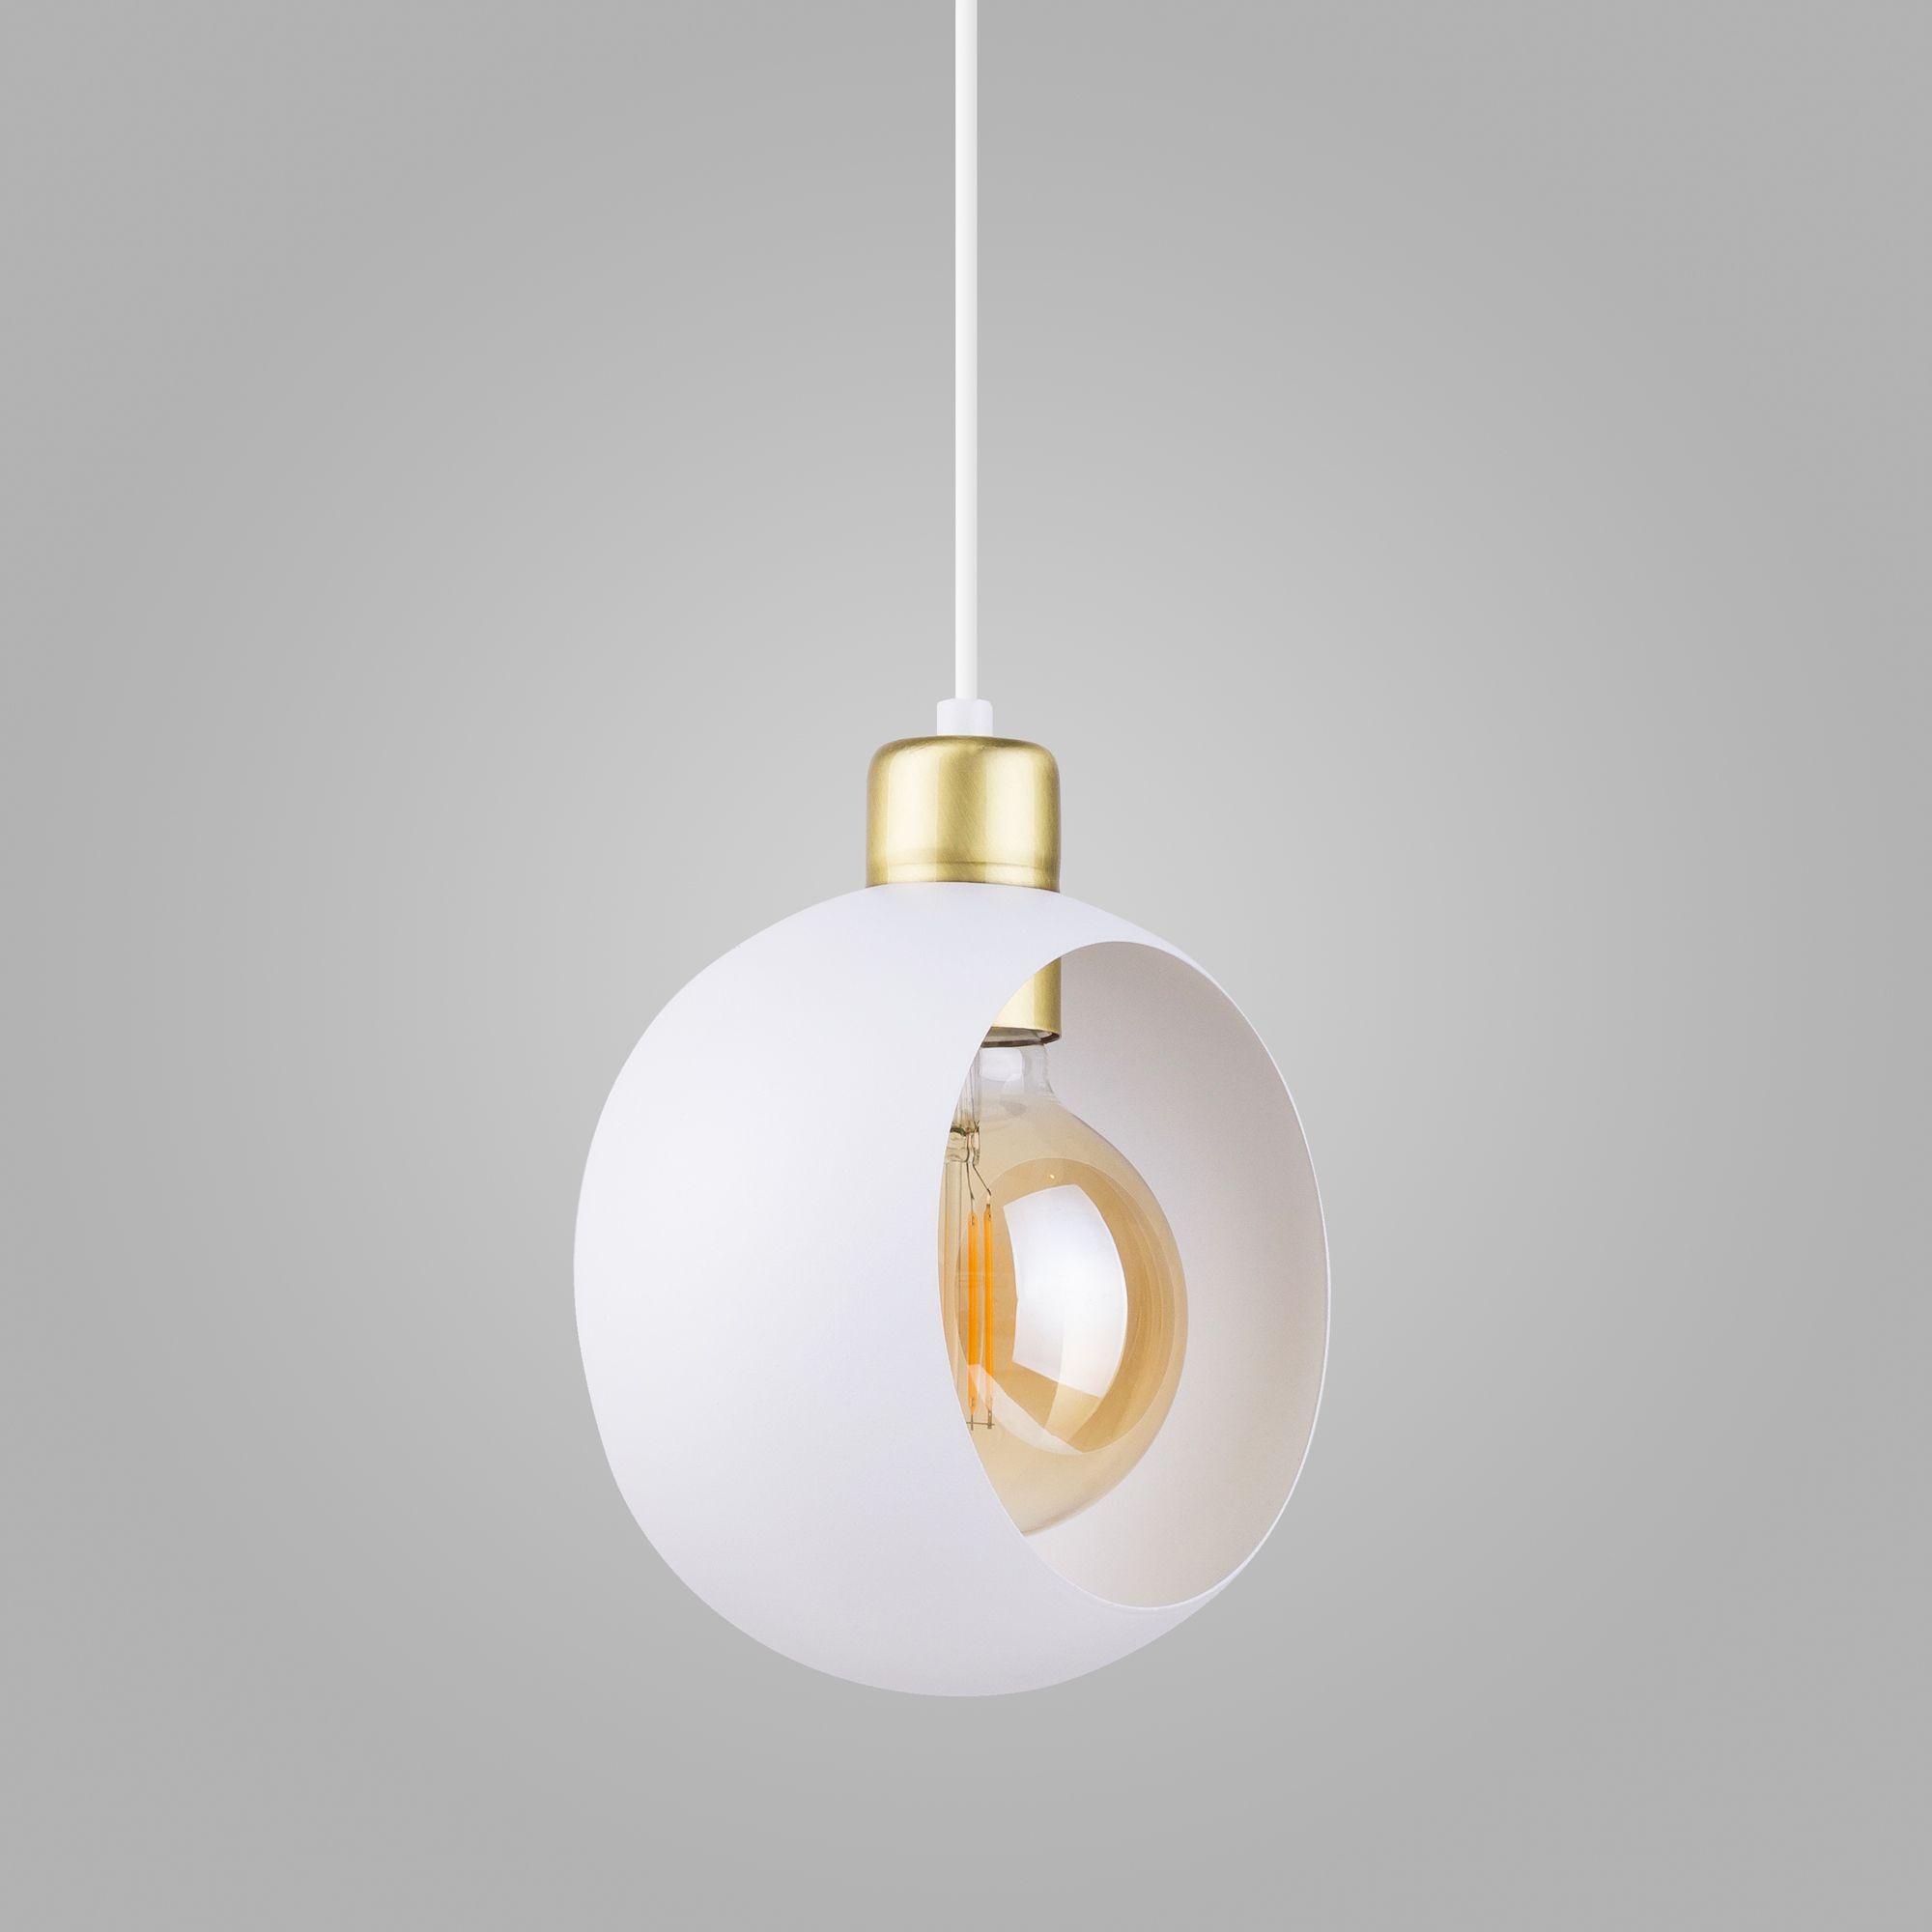 Подвесной светильник 2604 Cyklop